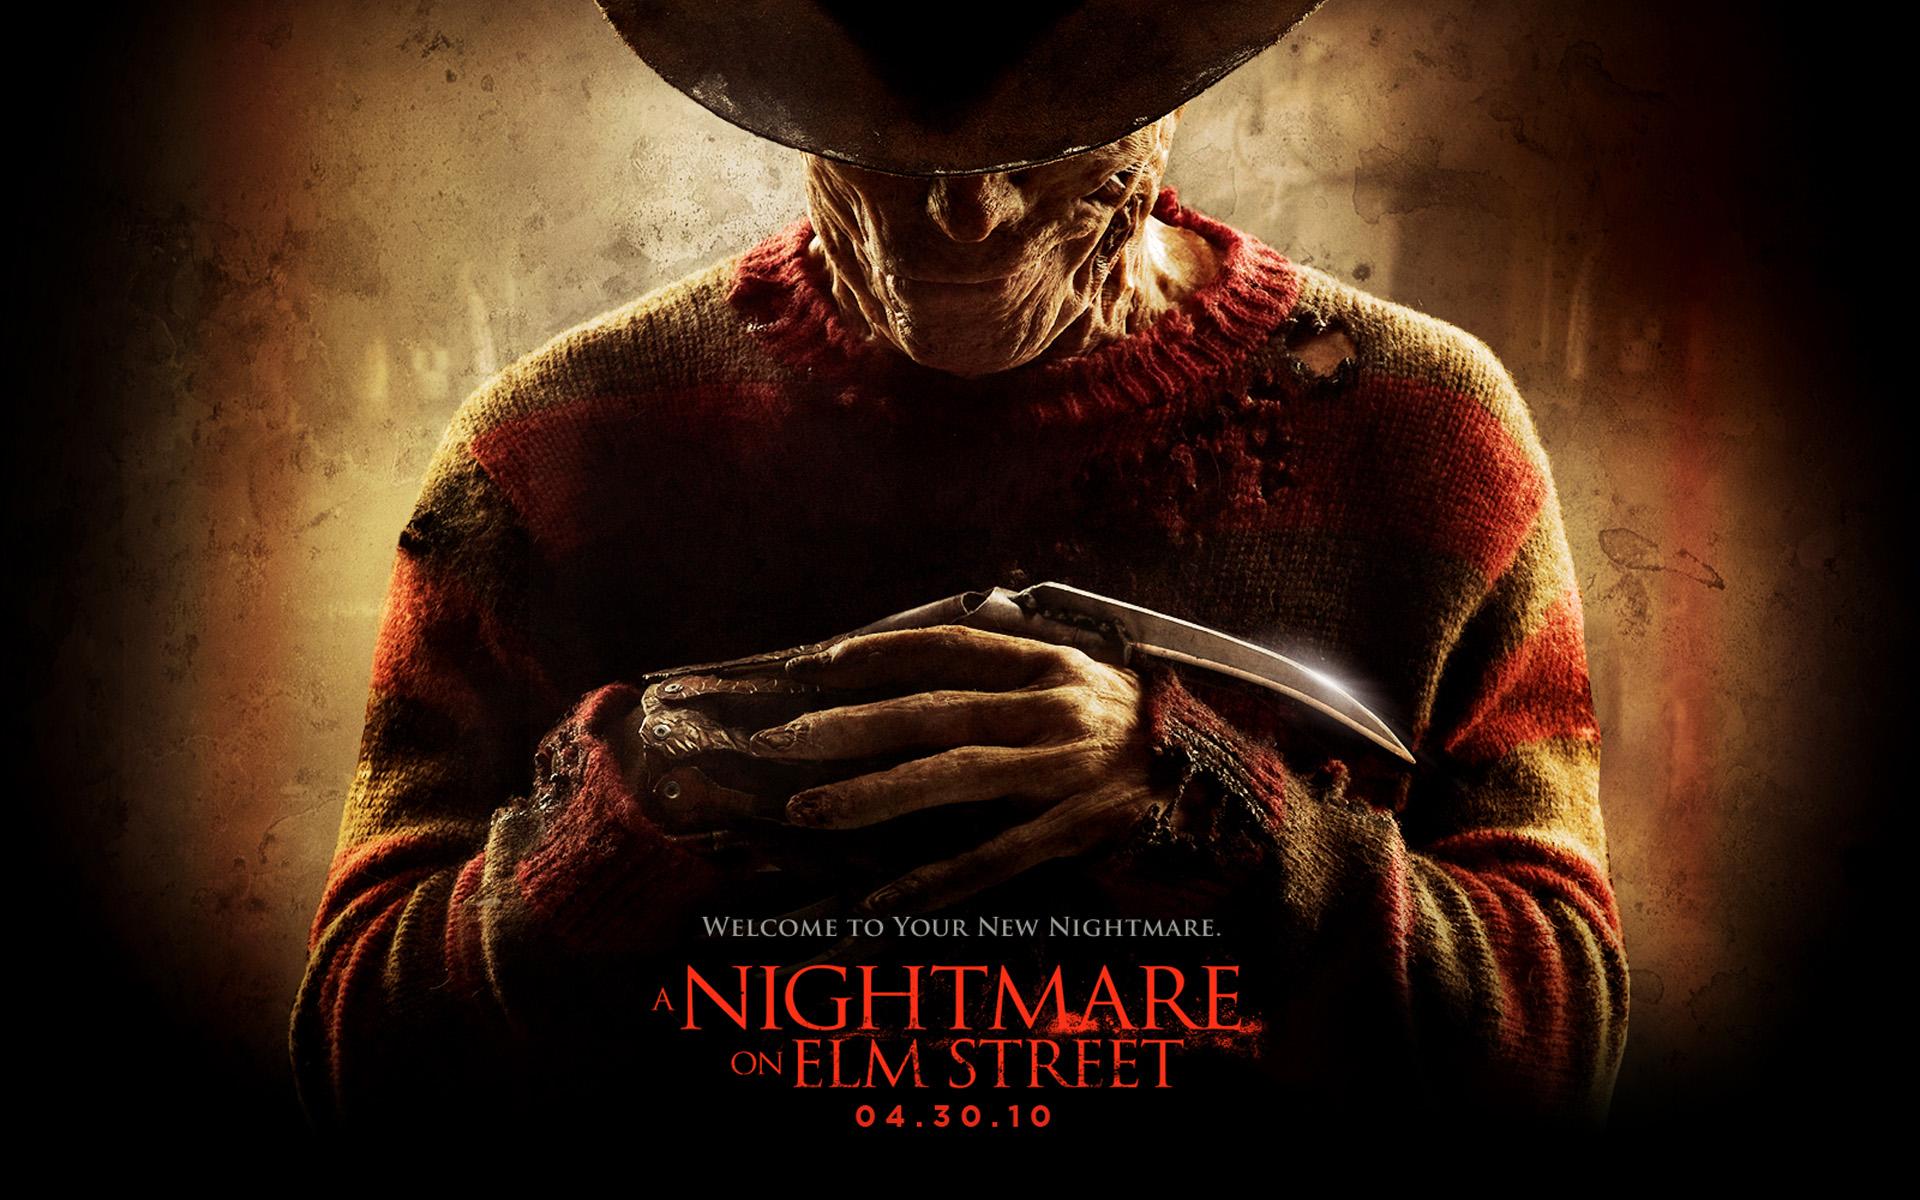 Nightmare 2010 Wallpaper 1